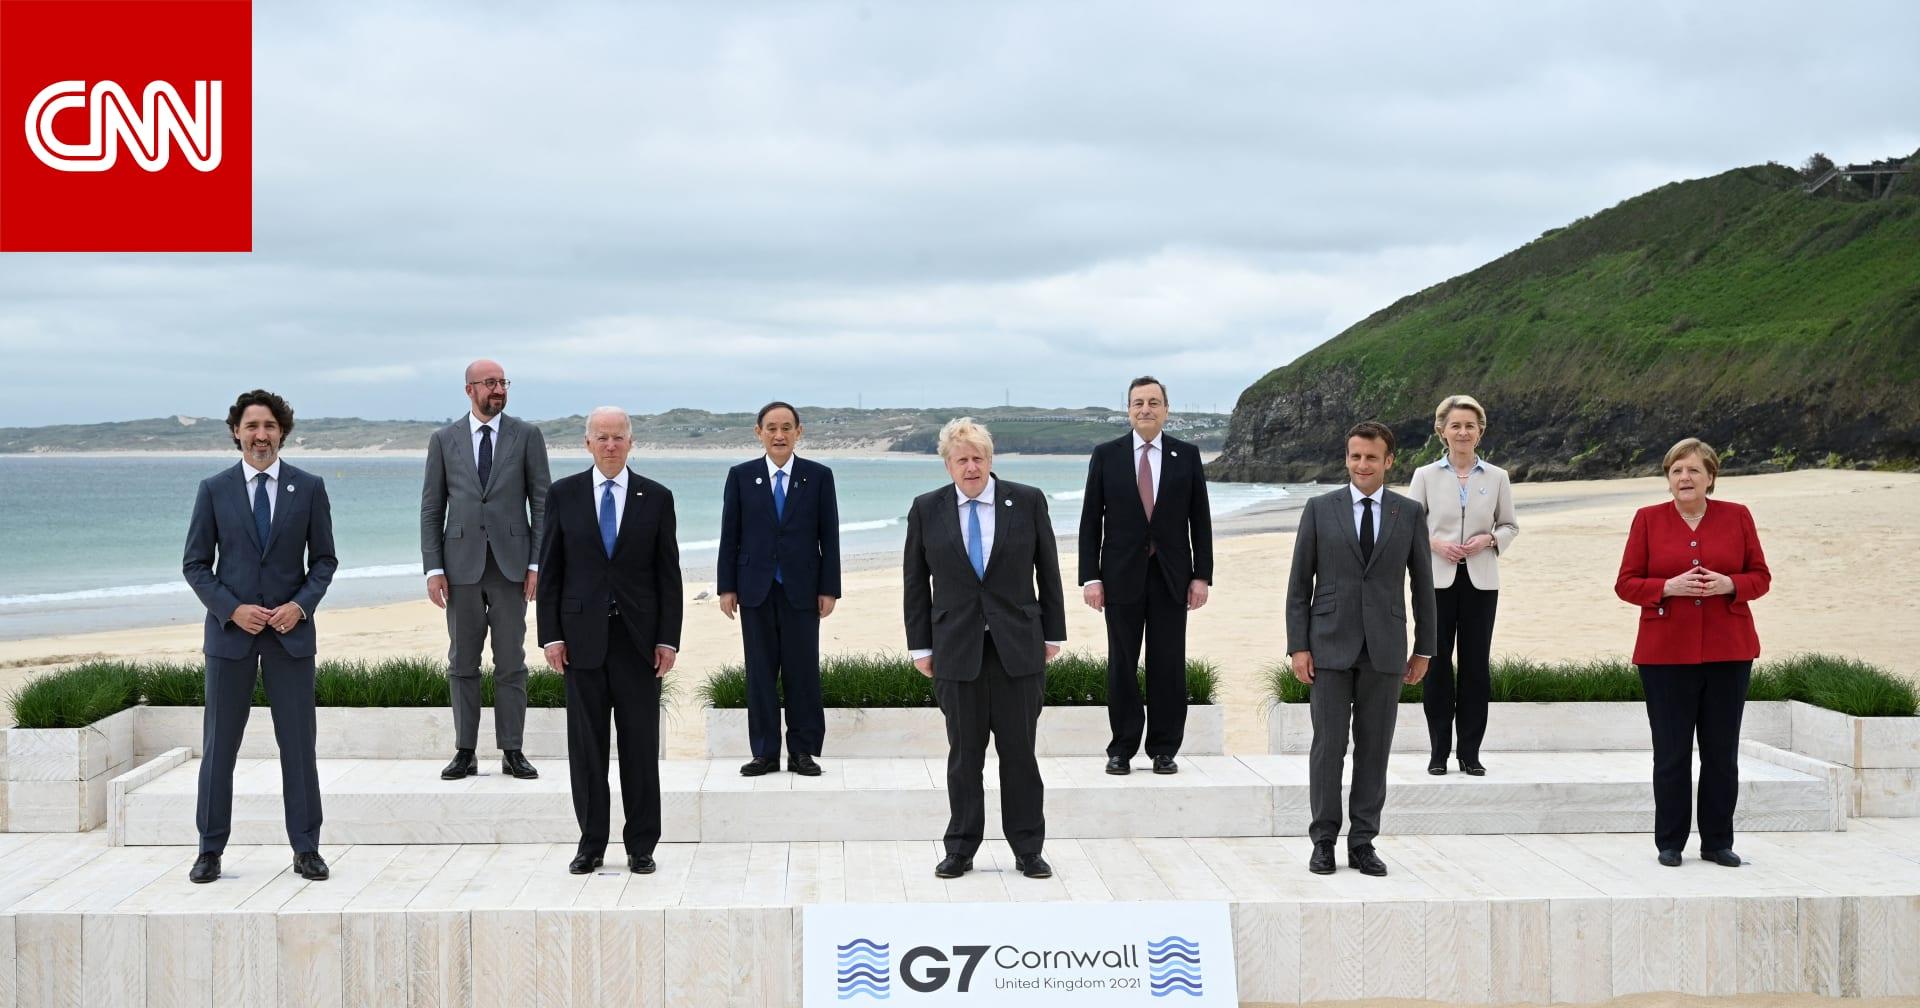 ليست عضوًا في مجموعة السبع.. لماذا تهيمن الصين على أجندة اجتماعات قادة القمة؟